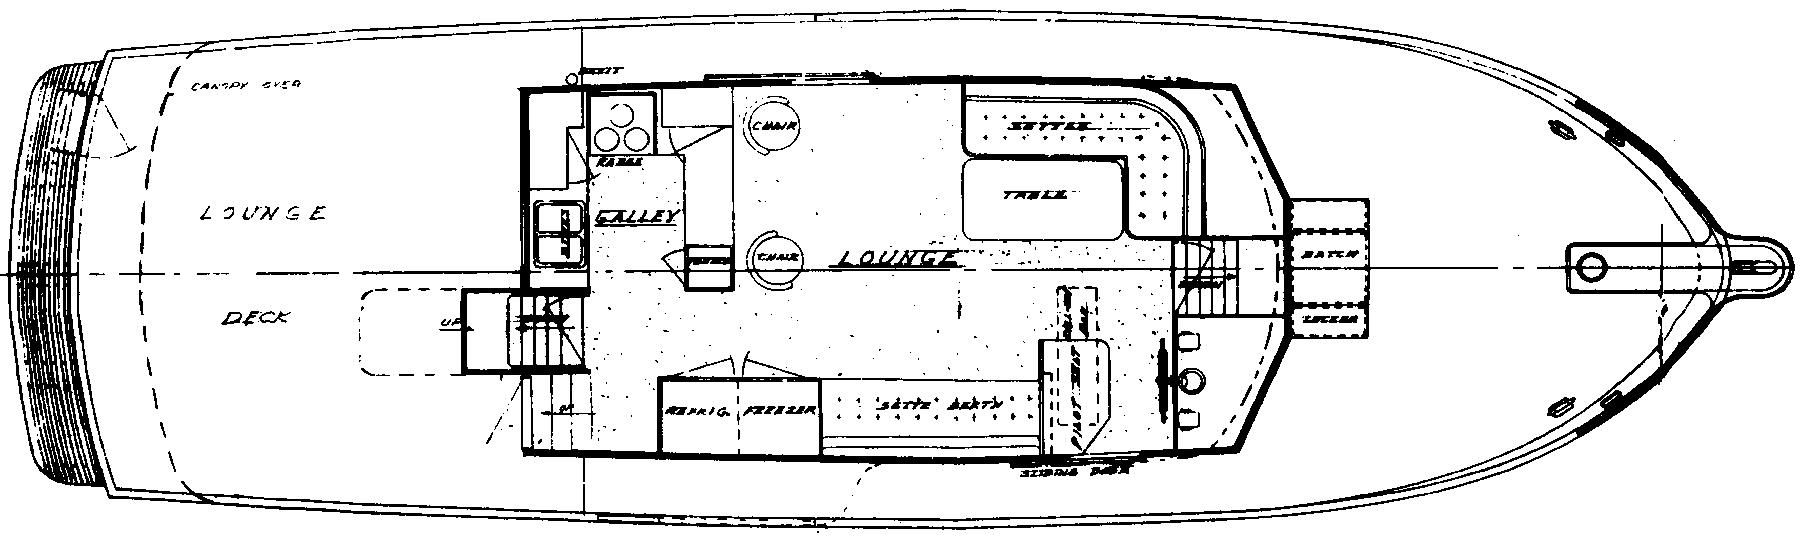 44 Offshore Cruiser Floor Plan 2